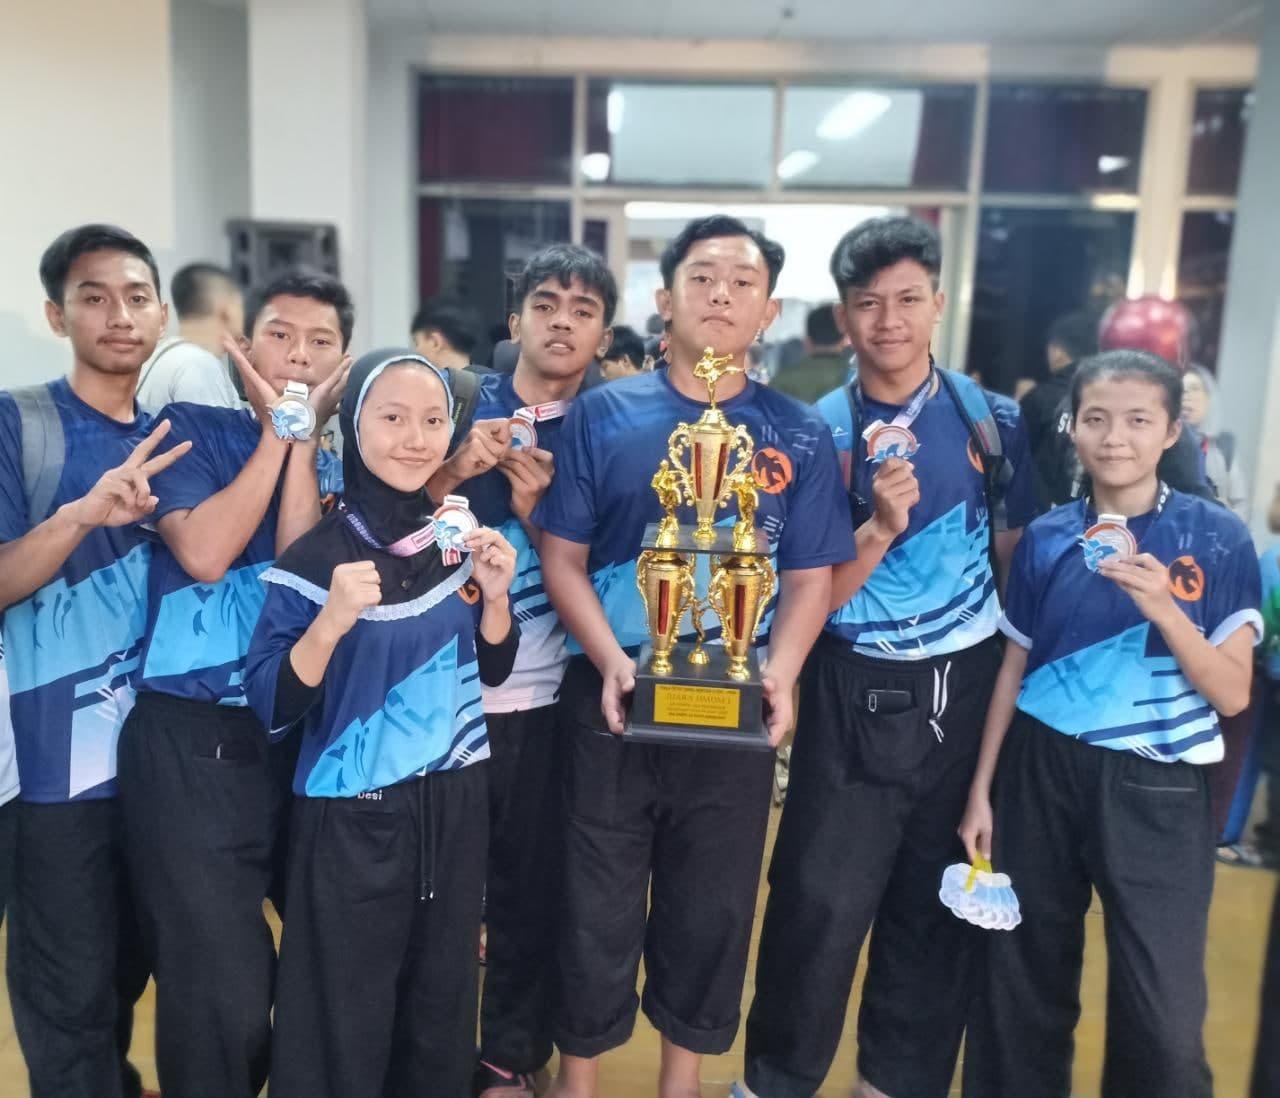 Kejuaraan Terbuka Pencak Silat Tingkat Pelajar se-Kota Bandung Raya